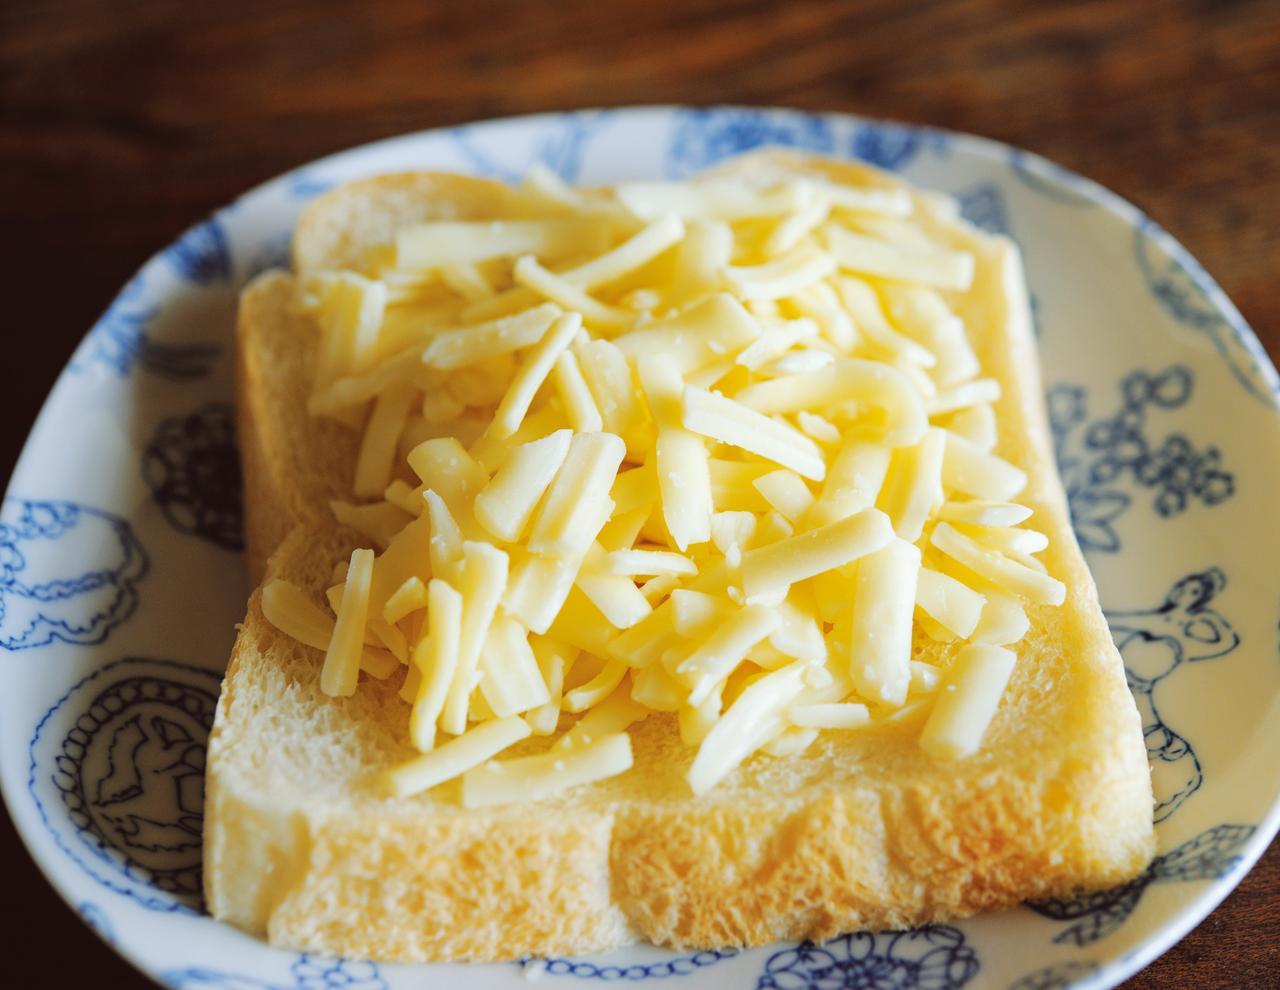 画像: 北海道産の生乳を原料にした乳製品でおなじみの「よつ葉乳業」のシュレッドチーズ。たっぷり、こんもり盛るのがコツ